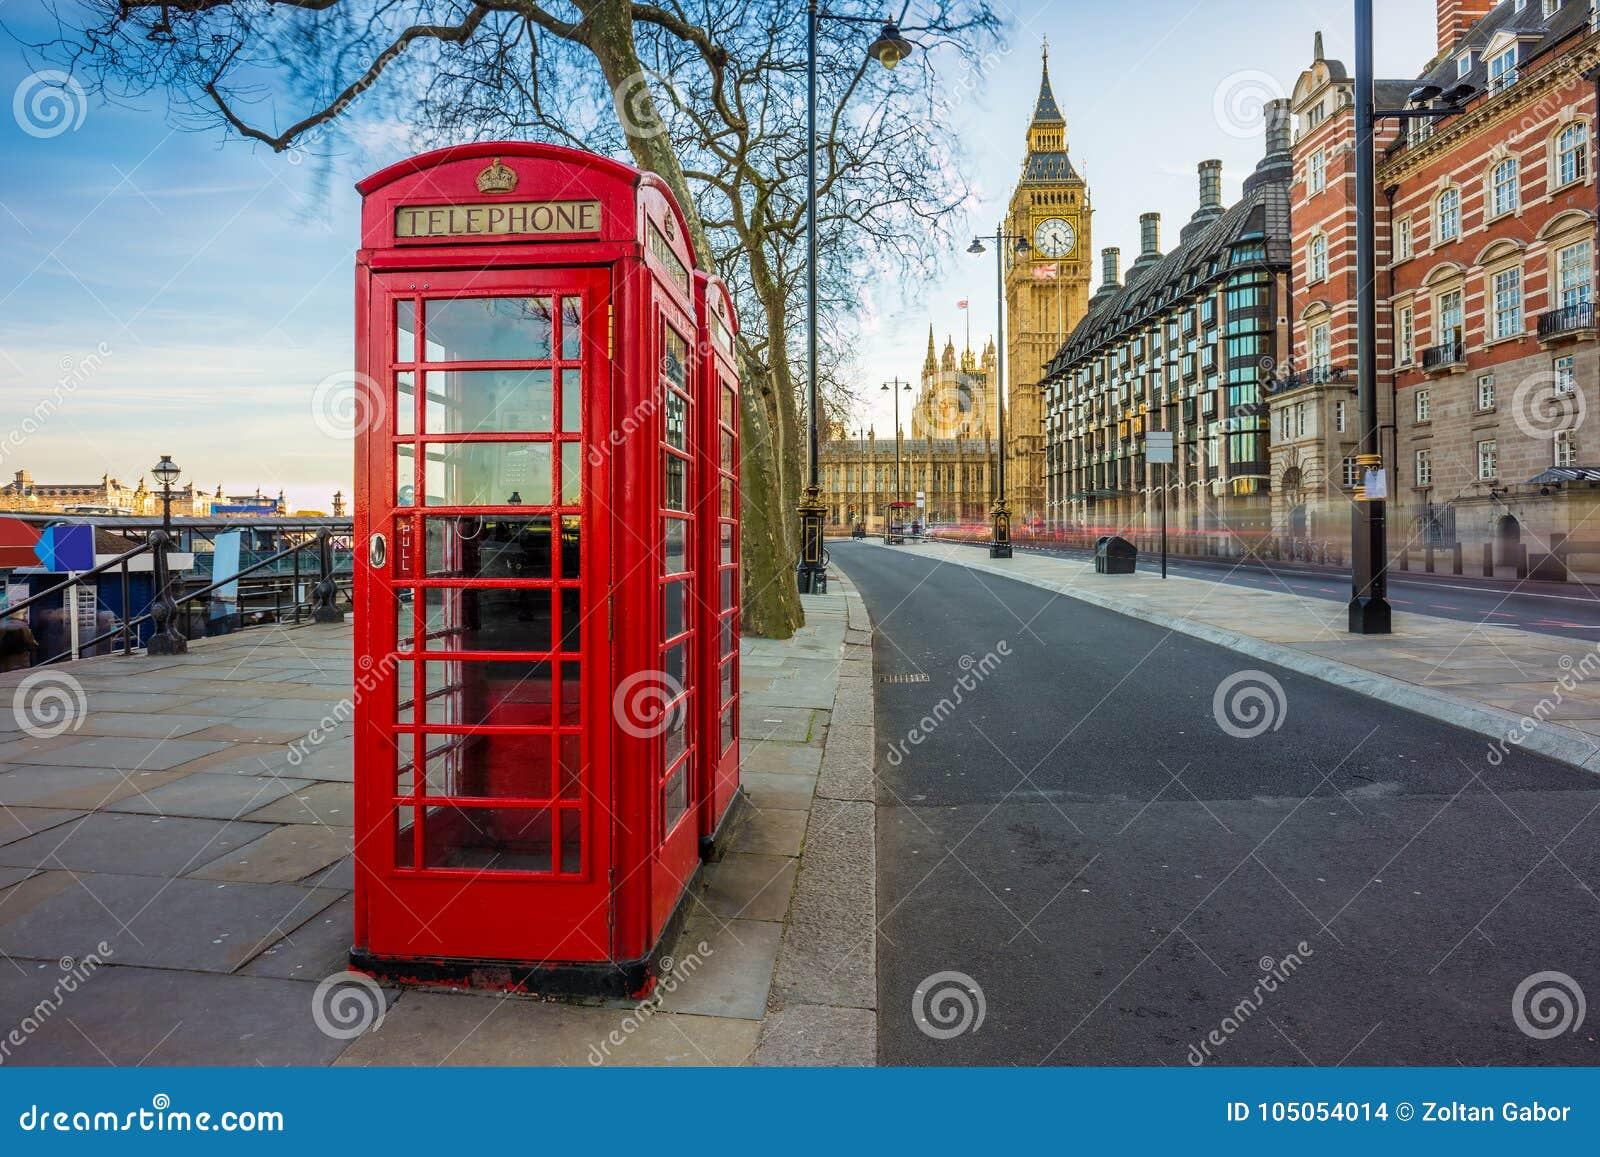 Londen, Engeland - Traditionele Oude Britse rode telefooncel in Victoria Embankment met Big Ben